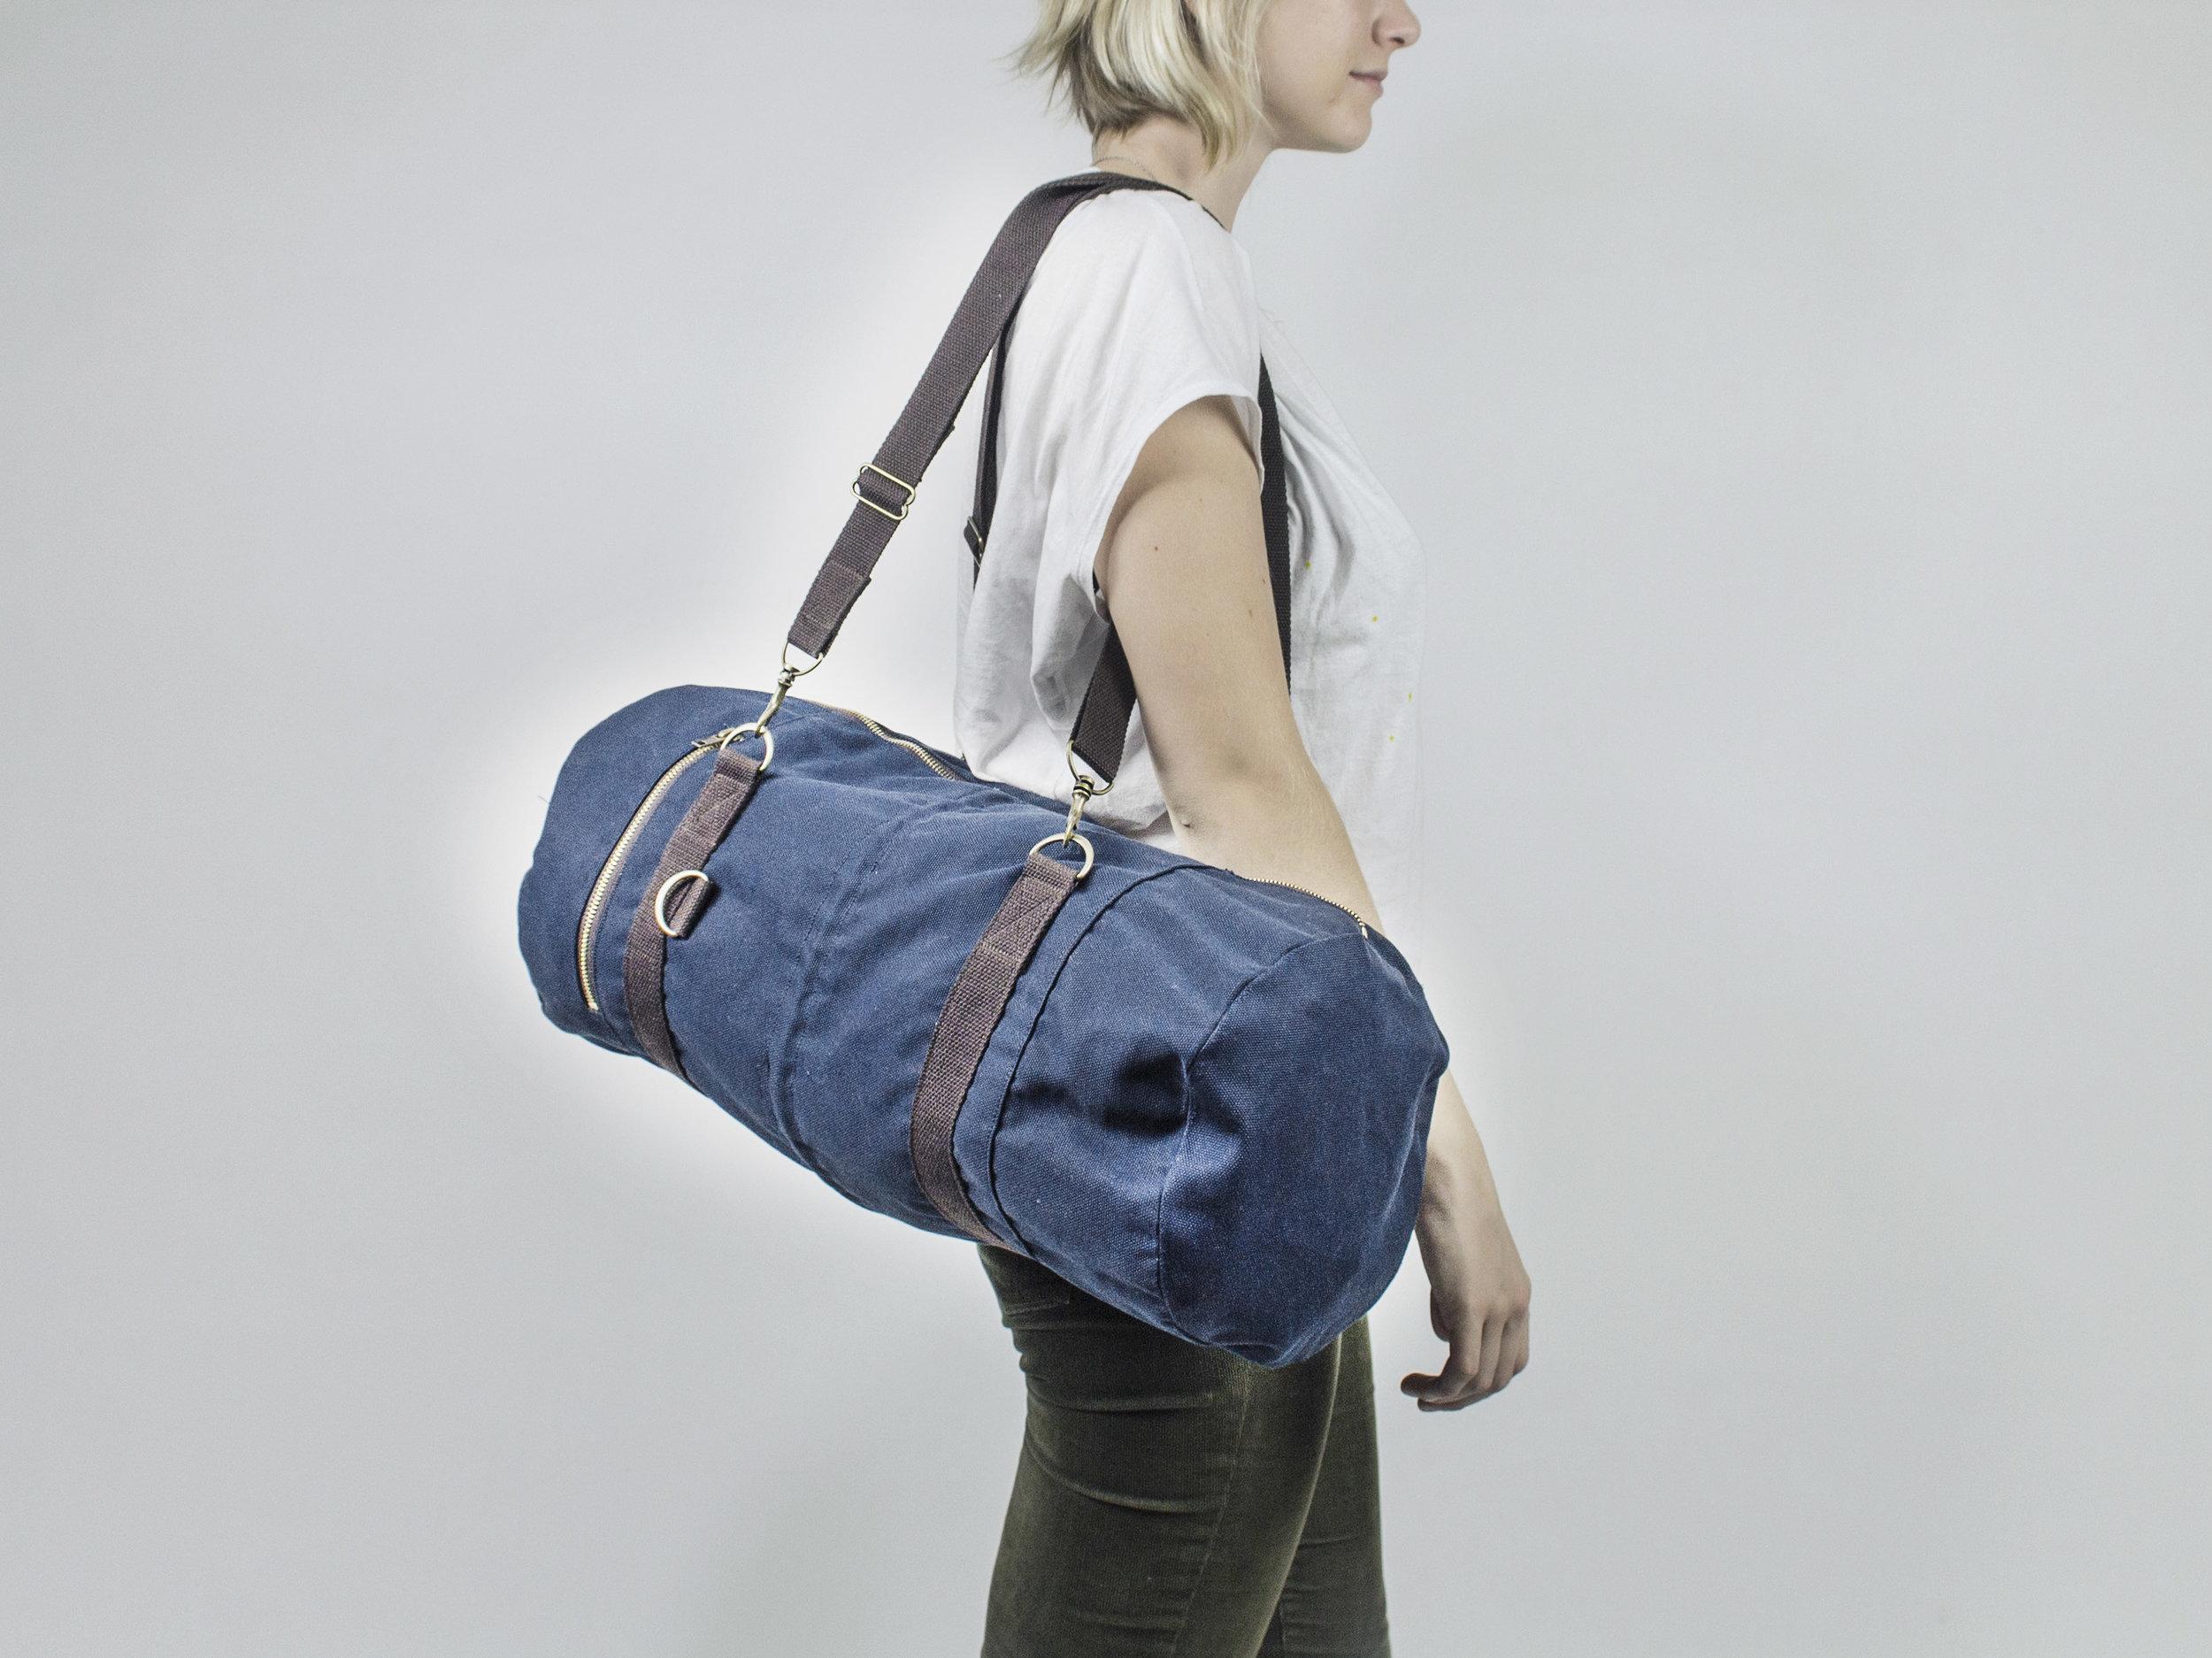 - Convertible Duffel Bag